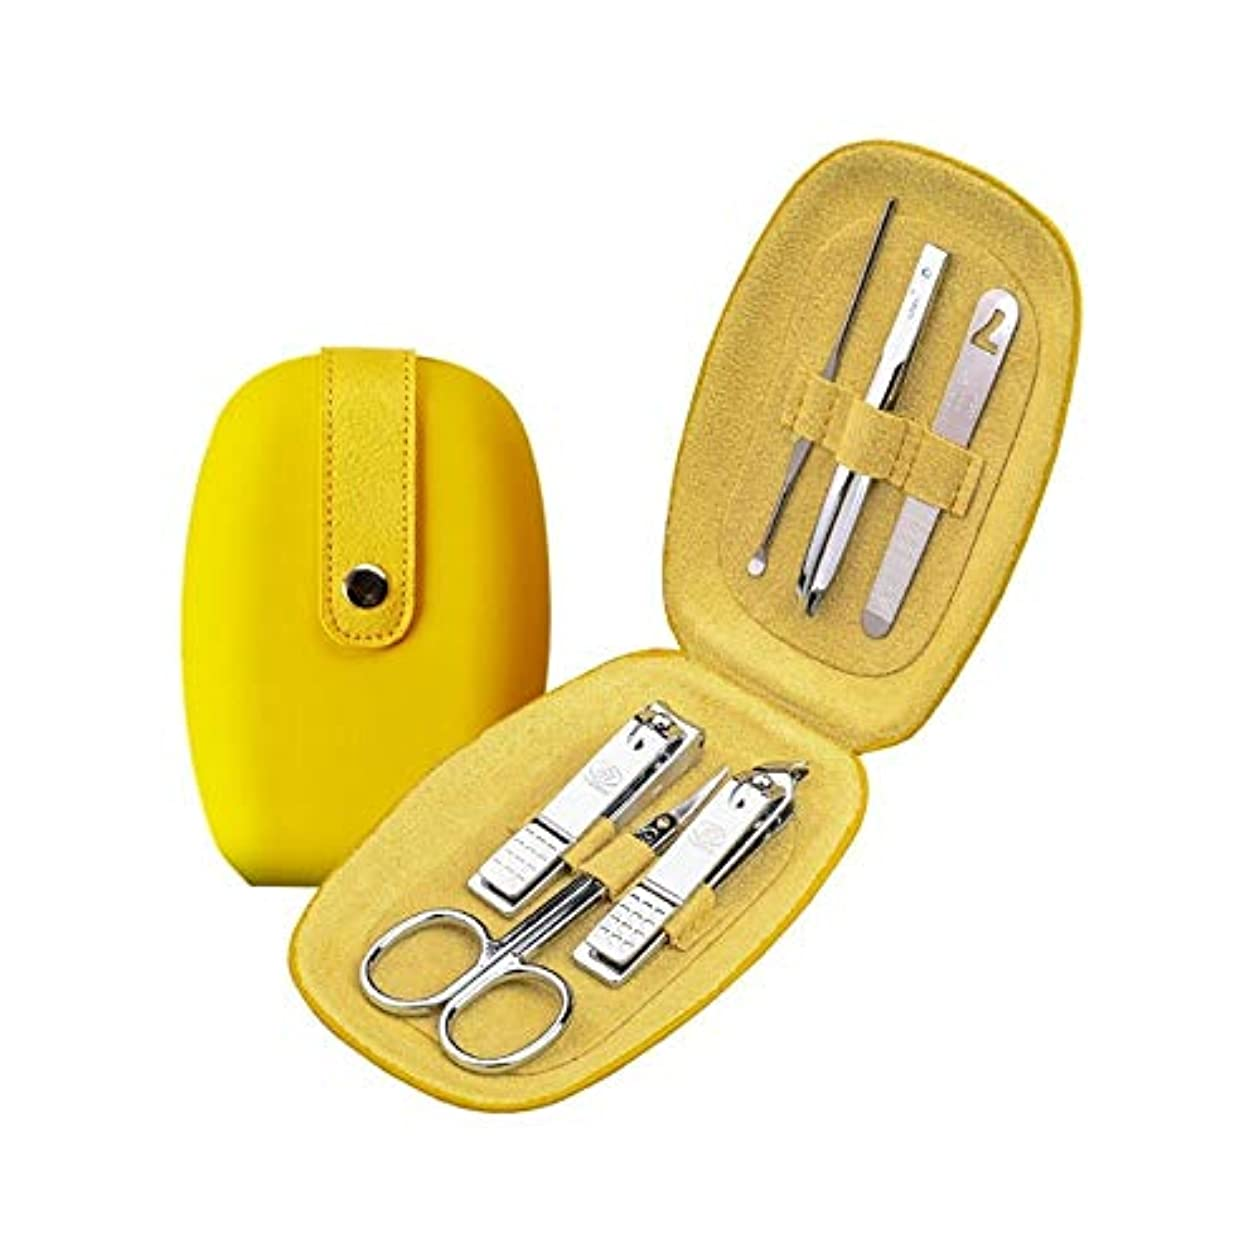 マイルド言語支配するJIAYIZS ネイルクリッパーは6のネイルクリップネイルクリッパー修復能力コンビネーションマニキュアネイルセットを設定します。 (Color : Yellow)